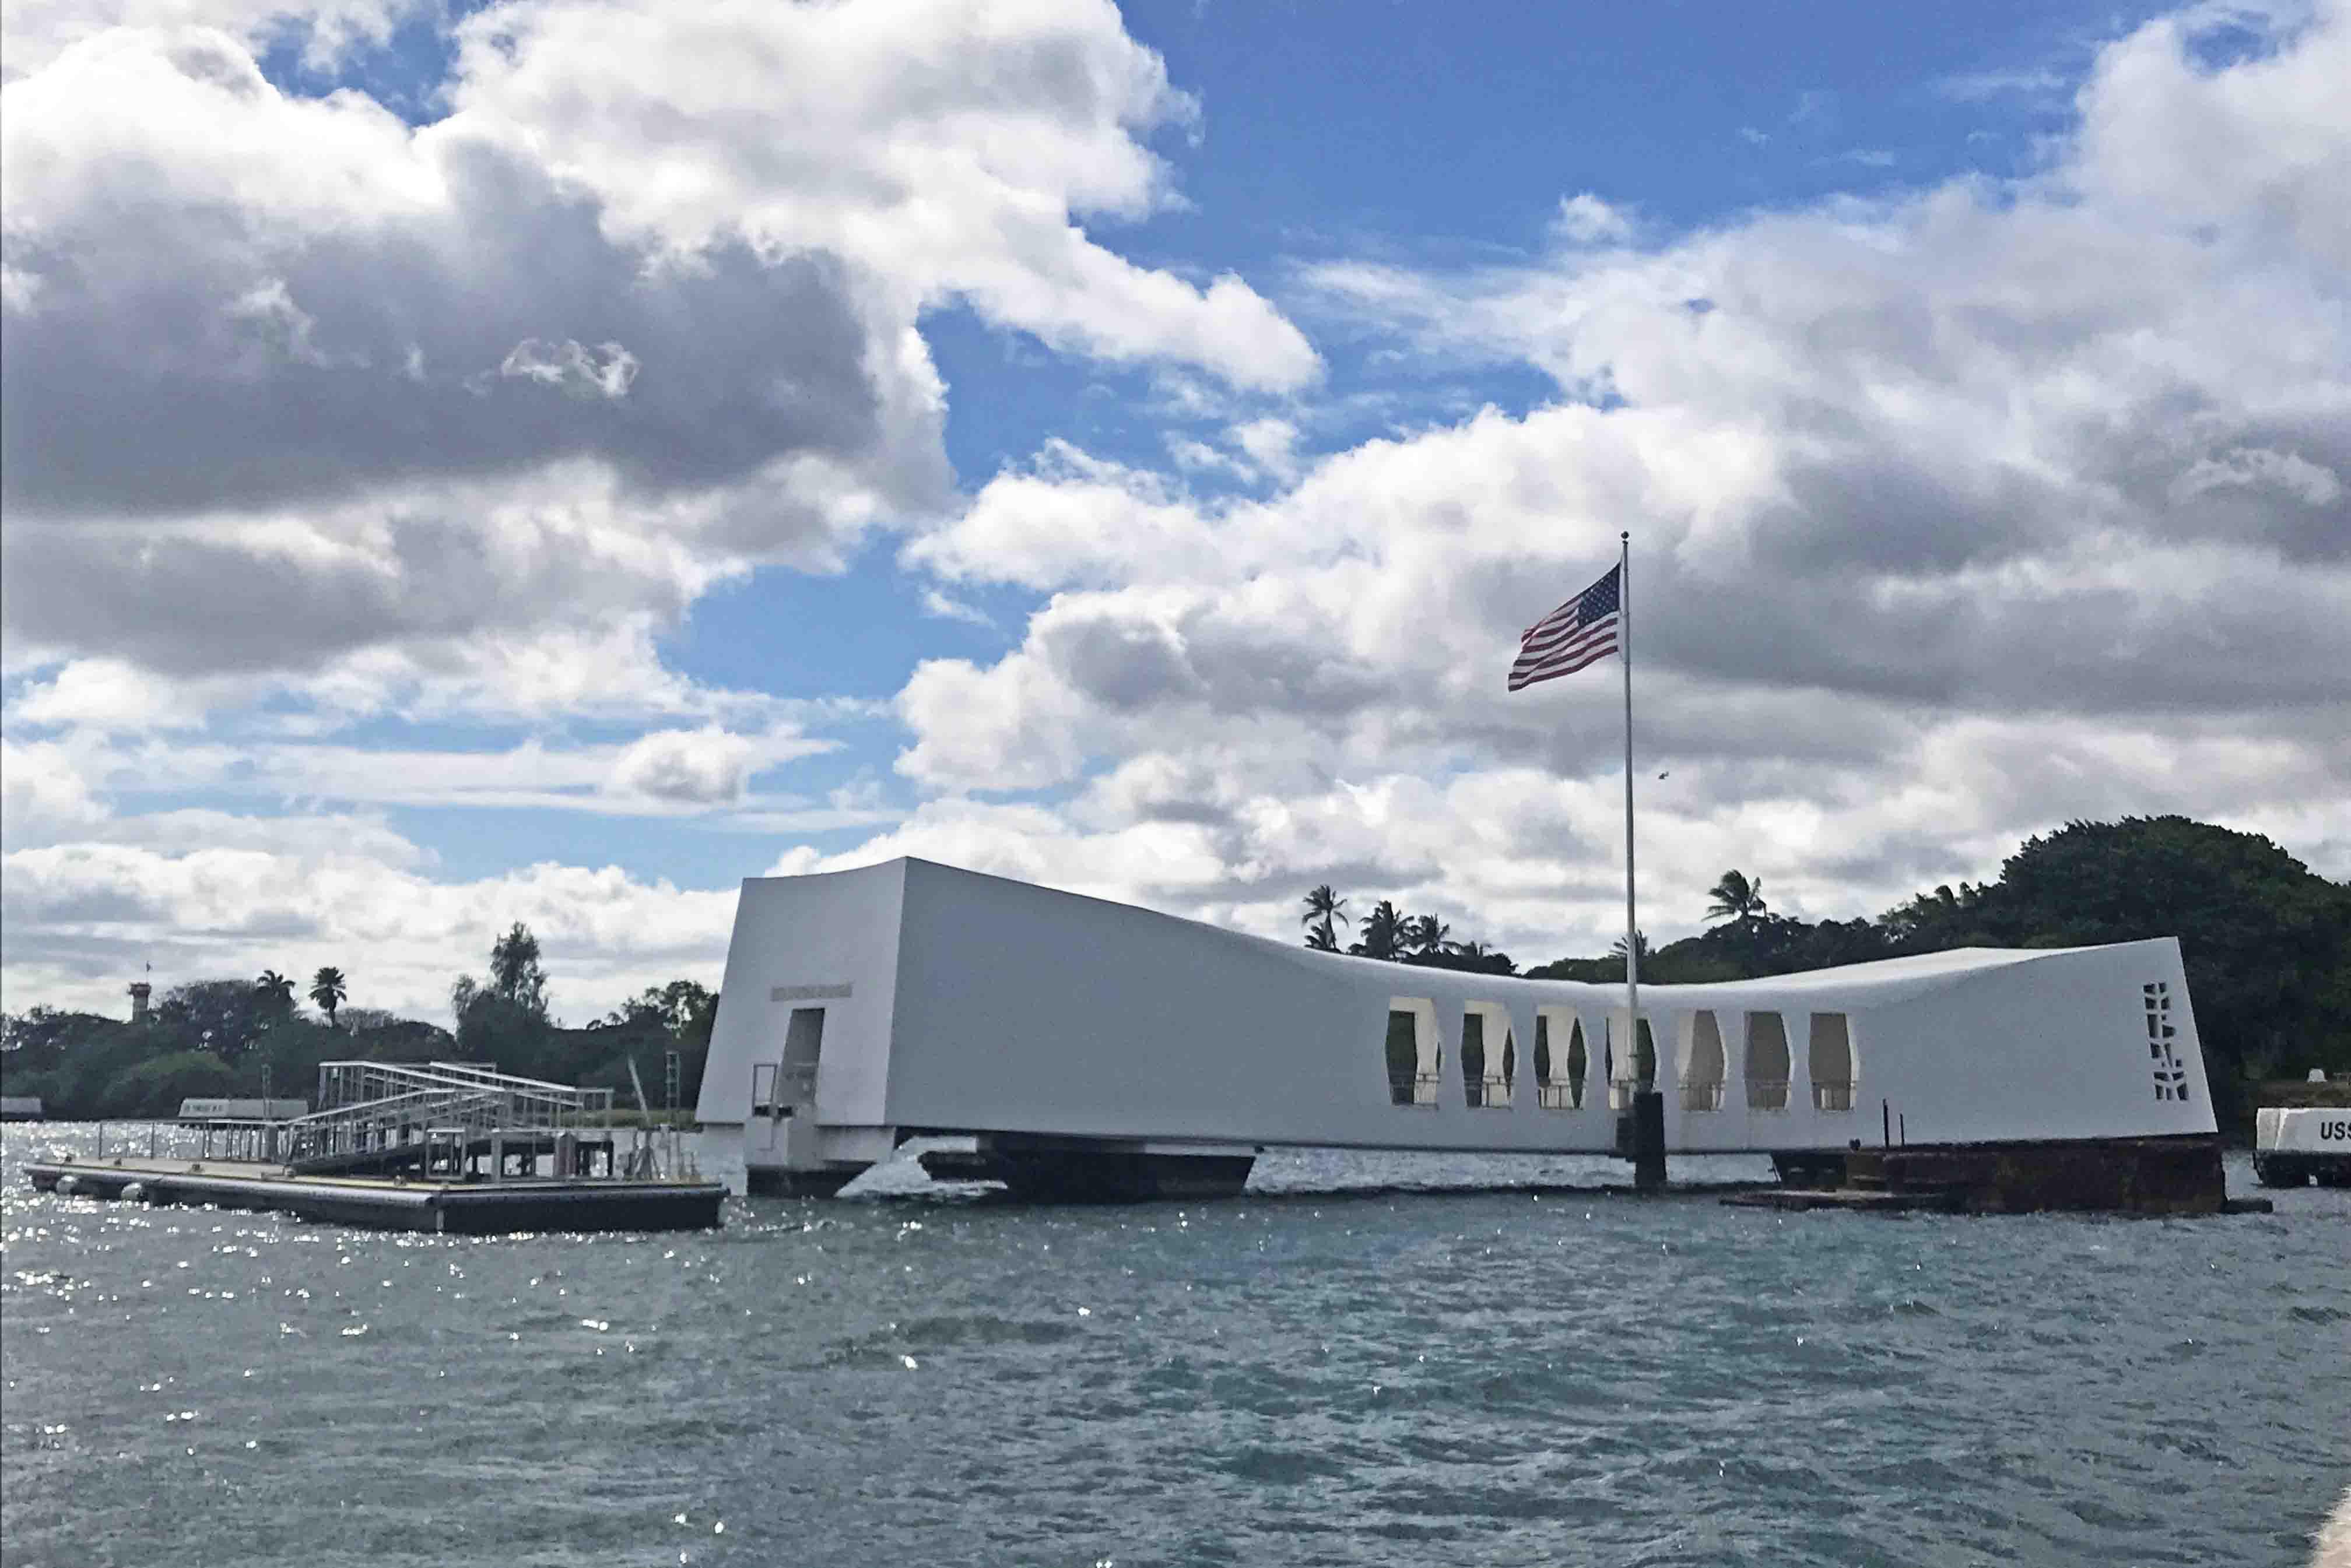 pearl harbor arizona memorial oahu hawaii